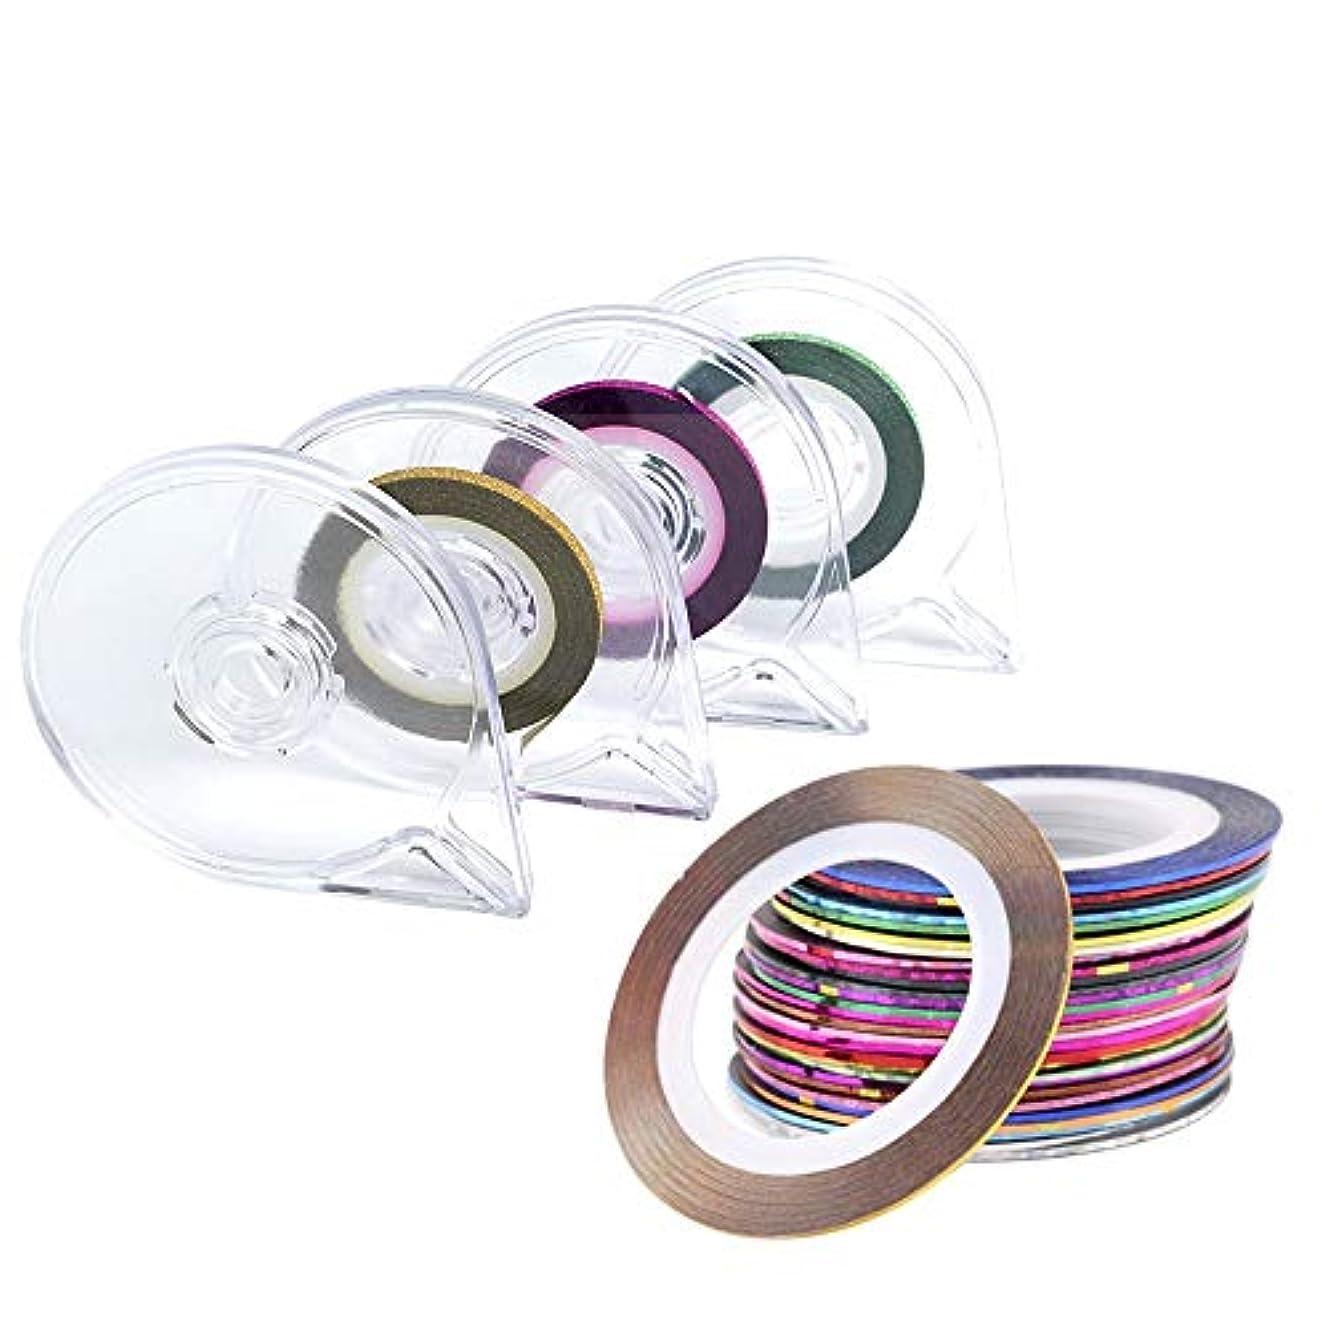 暴露する貝殻逆にビューティフル 女性 レーザーラインテープネイルアート用 ラインテープ シート ジェルネイル用 マニキュア セット ジェルネイル アート用ラインテープ 専用ケース付き 30ピース (Color : Mixed Colour)